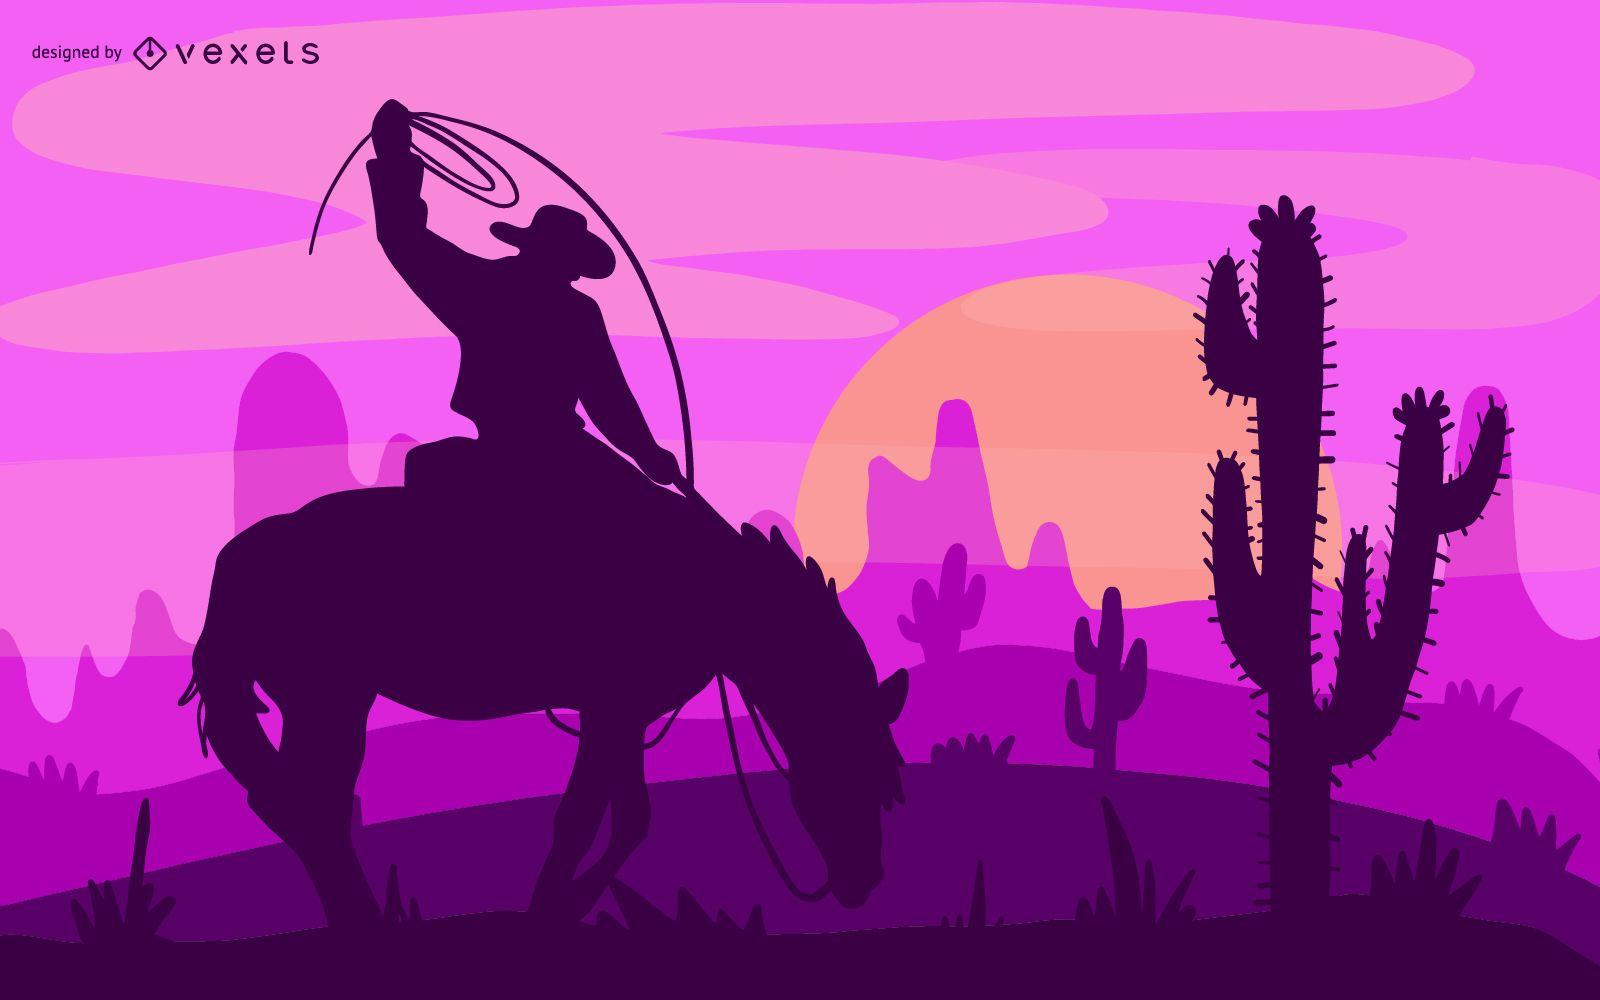 Ilustraci?n del desierto de vaquero